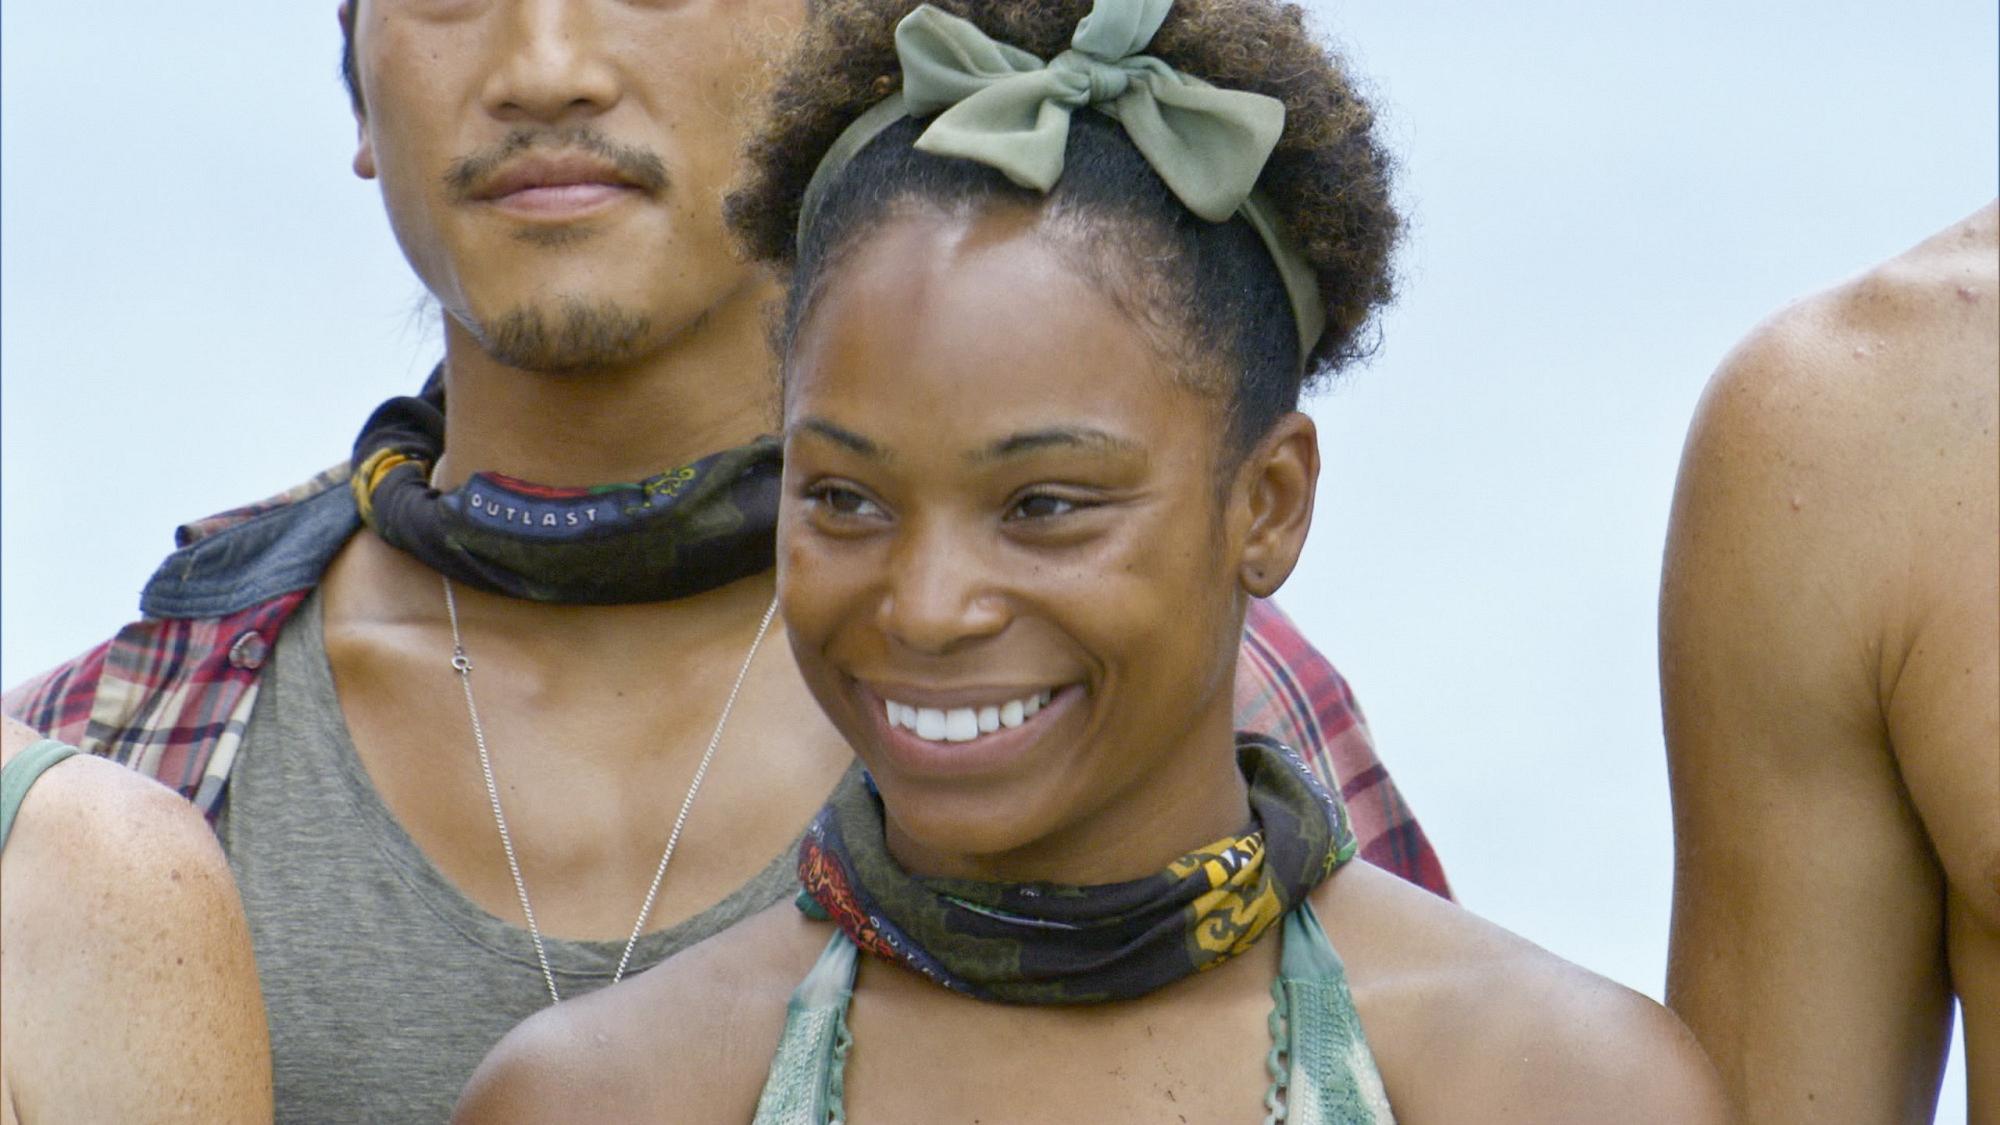 Tasha in Season 28 Episode 6